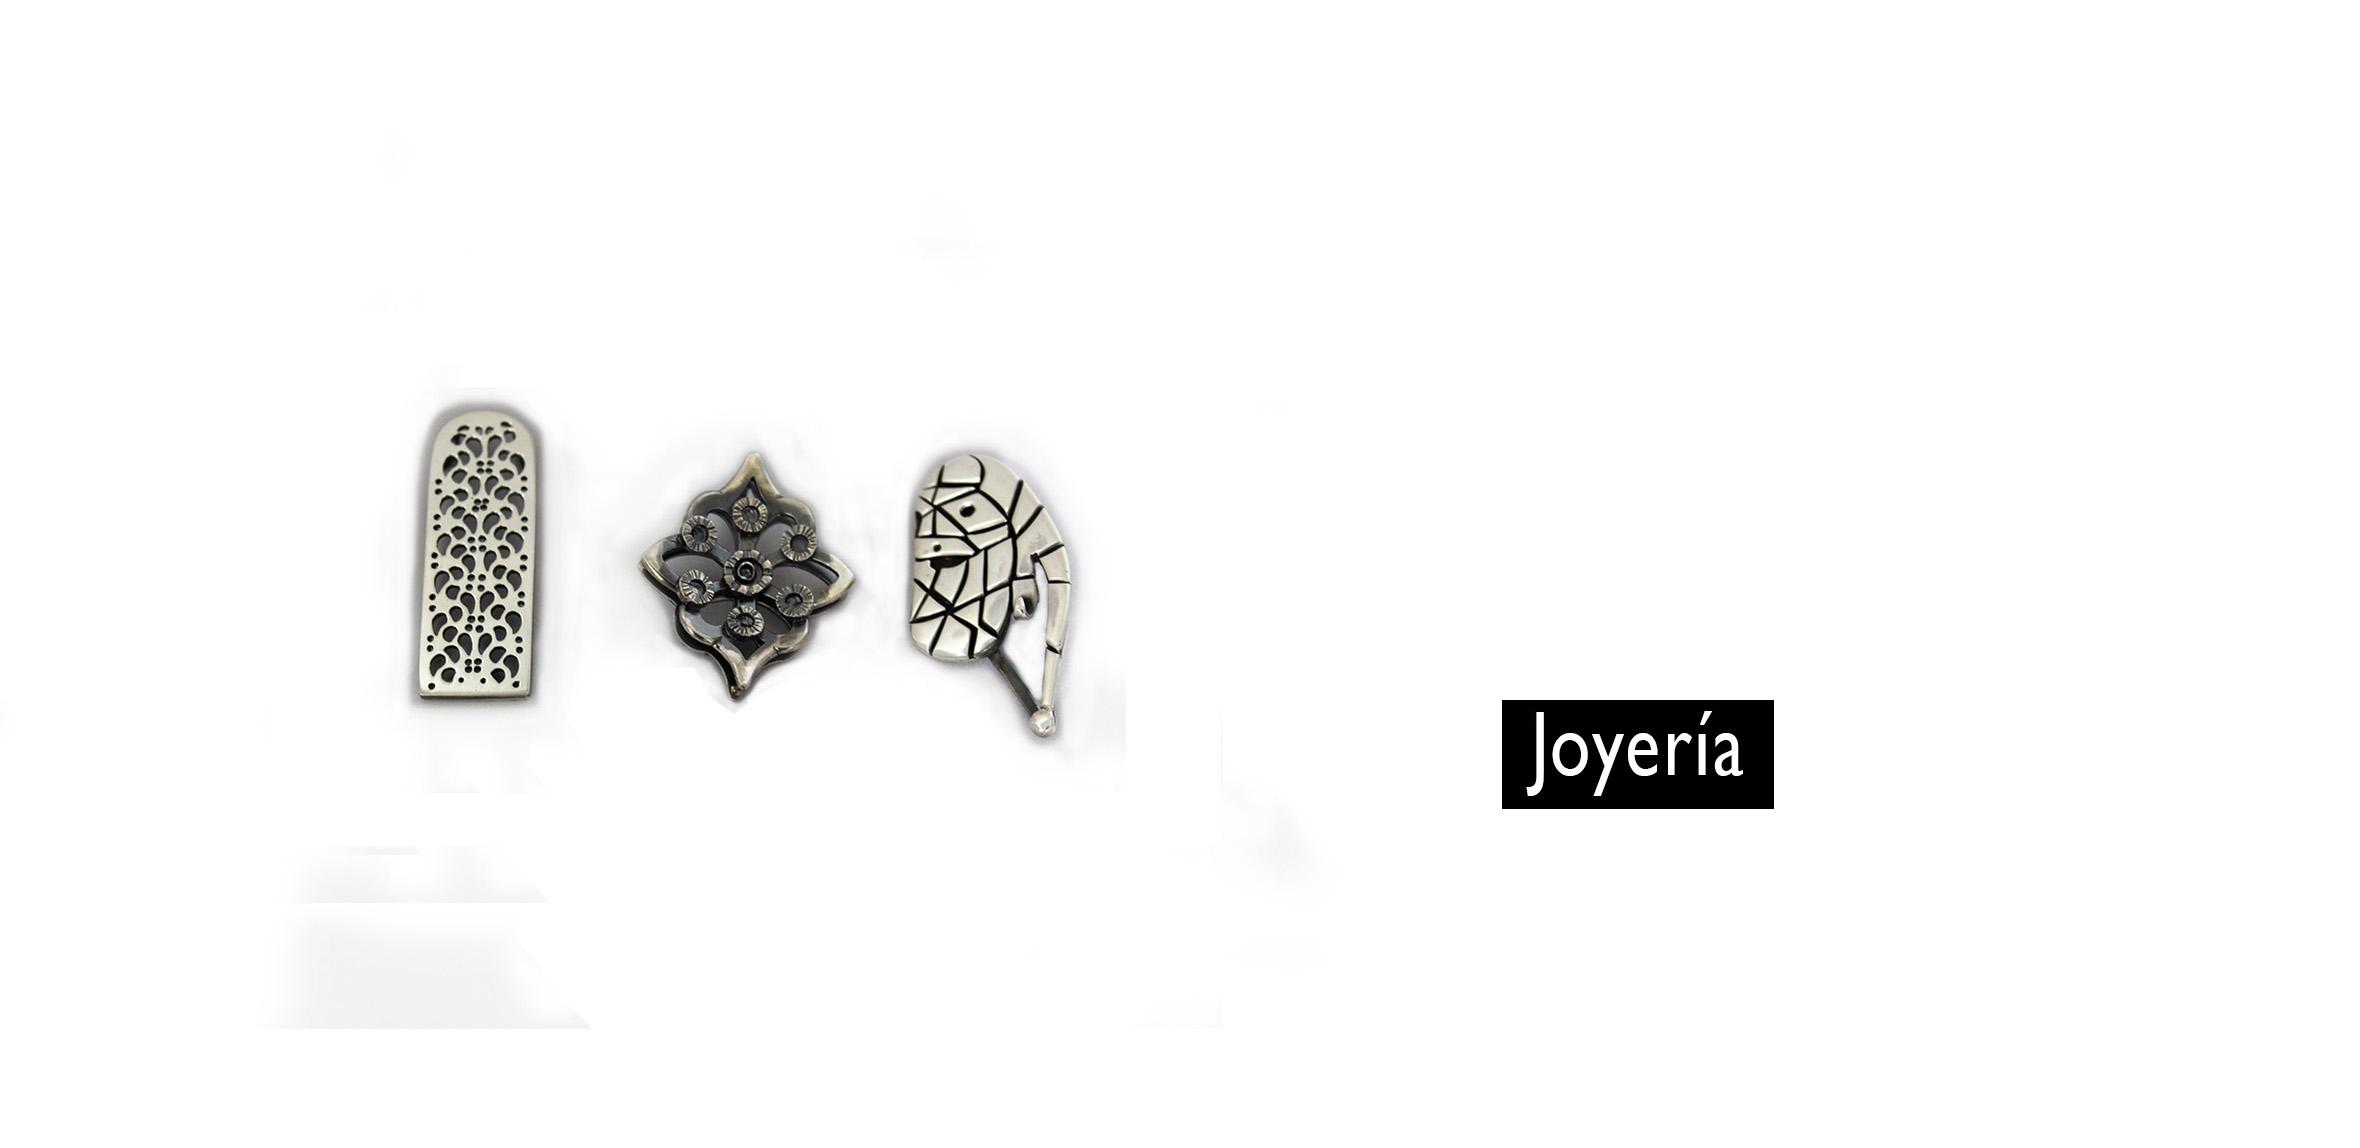 Joyería